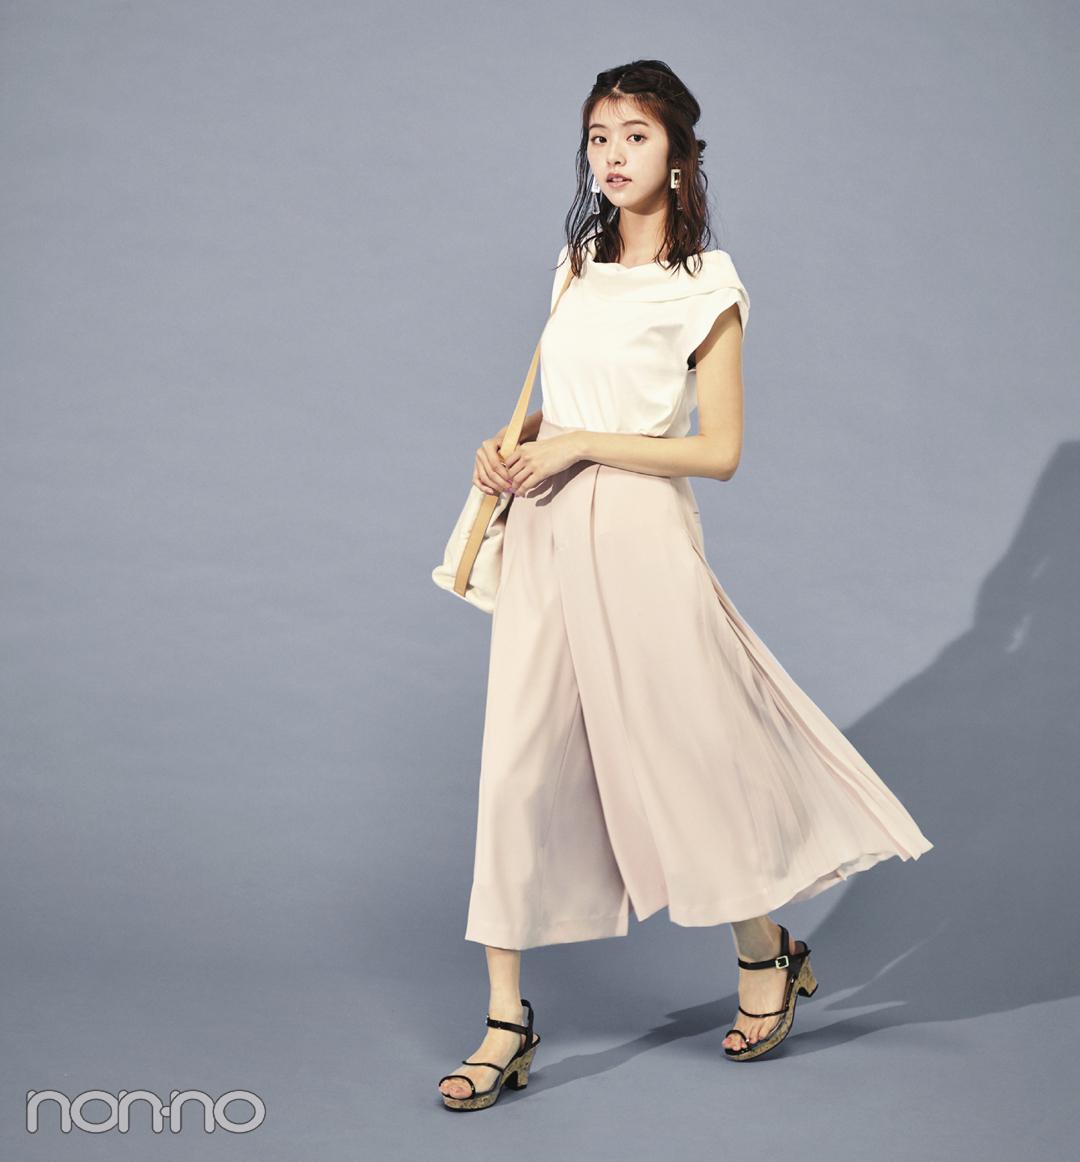 【夏のサンダルコーデ】江野沢愛美の、花柄ロングワンピ×白スニーカーで程よいガーリーコーデ